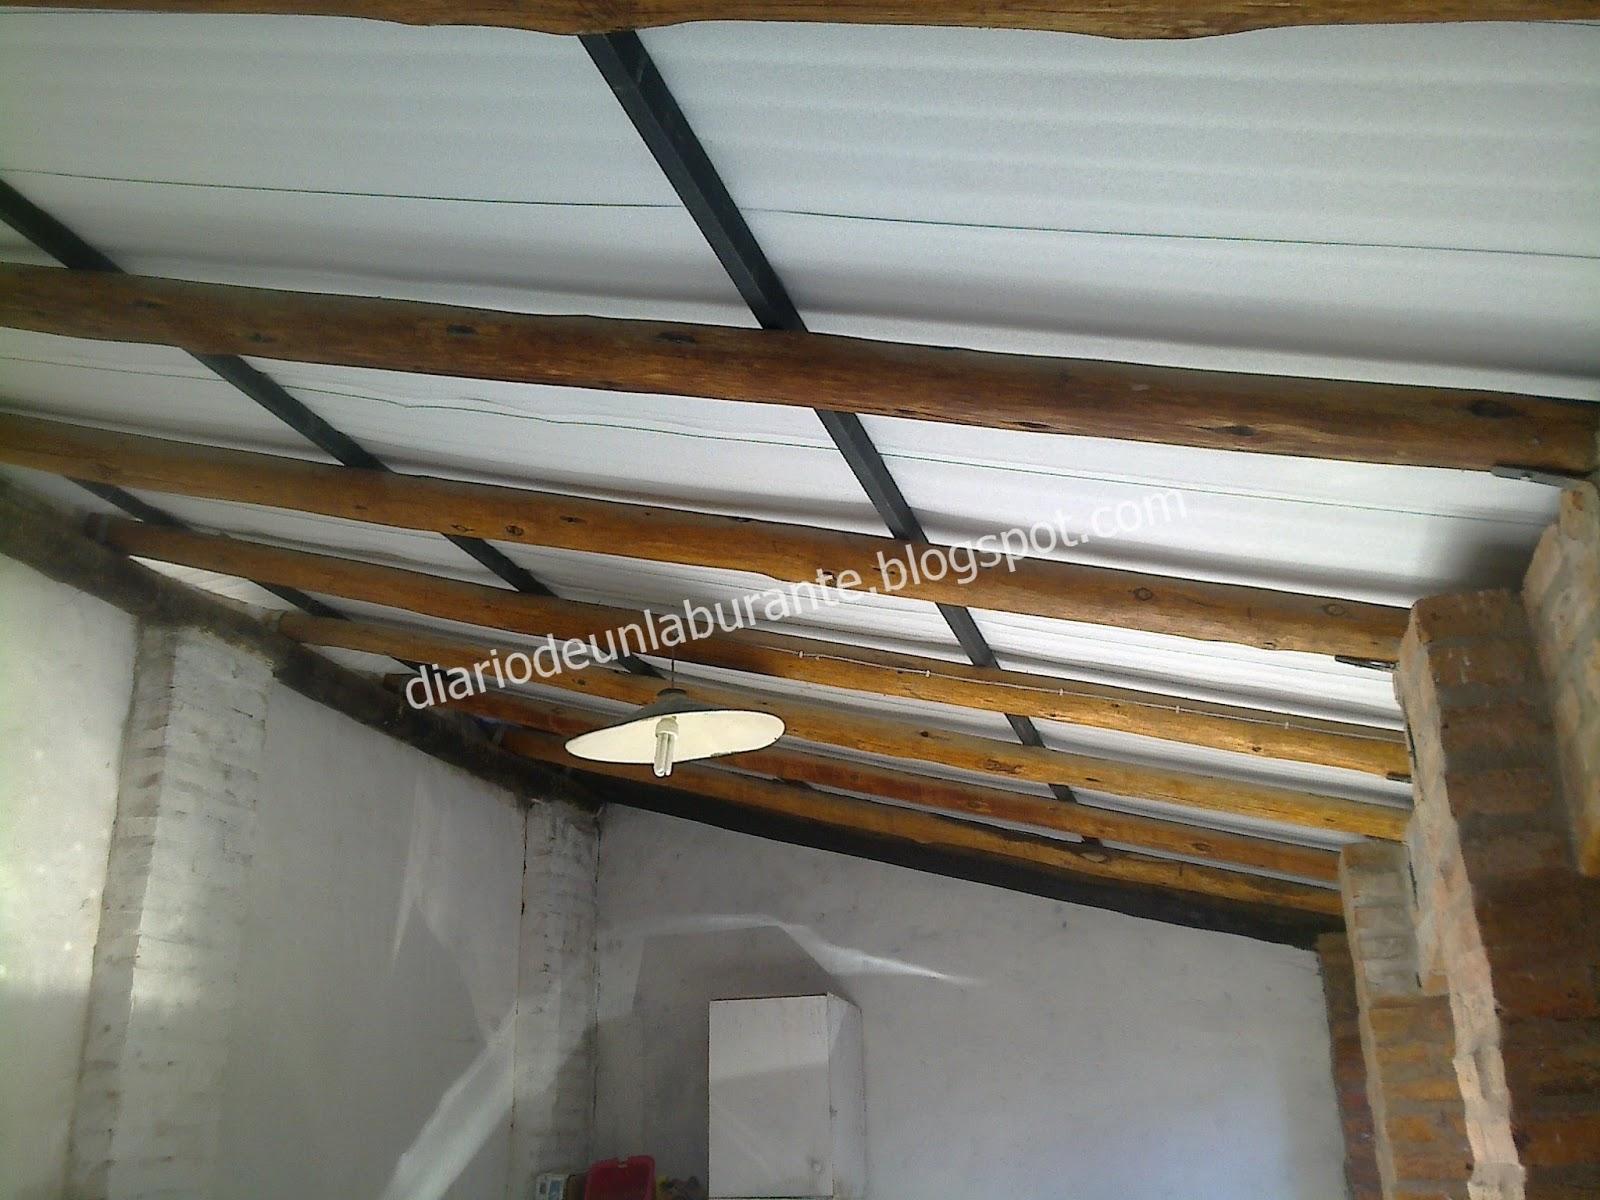 garage ceiling insulation ideas - Diario de un Laburante Techo de Chapa en Garage